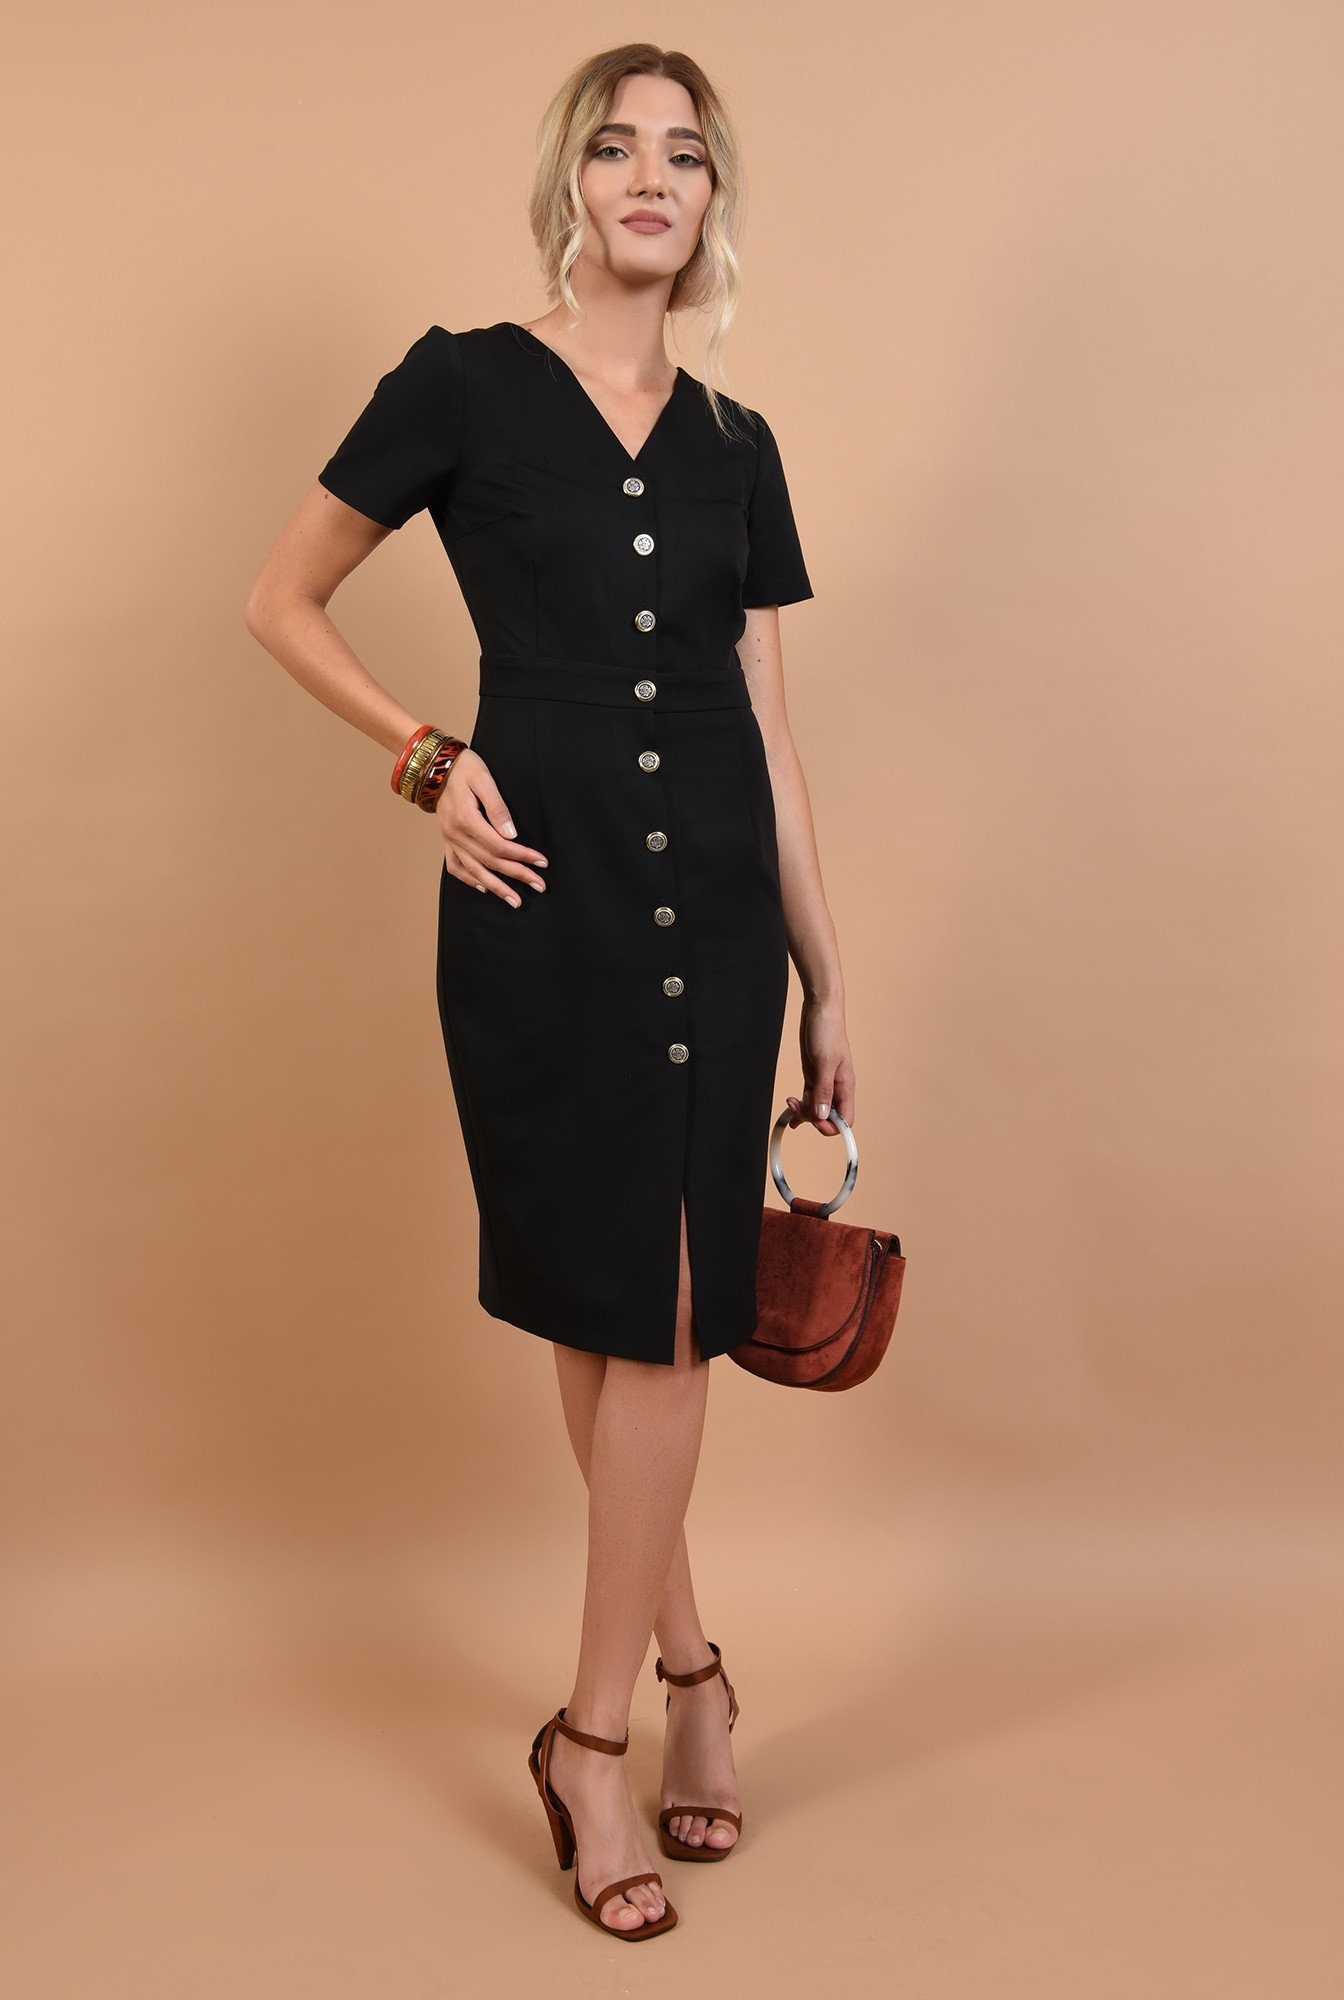 360 - rochie neagra, cu nasturi, anchior, maneci scurte, office